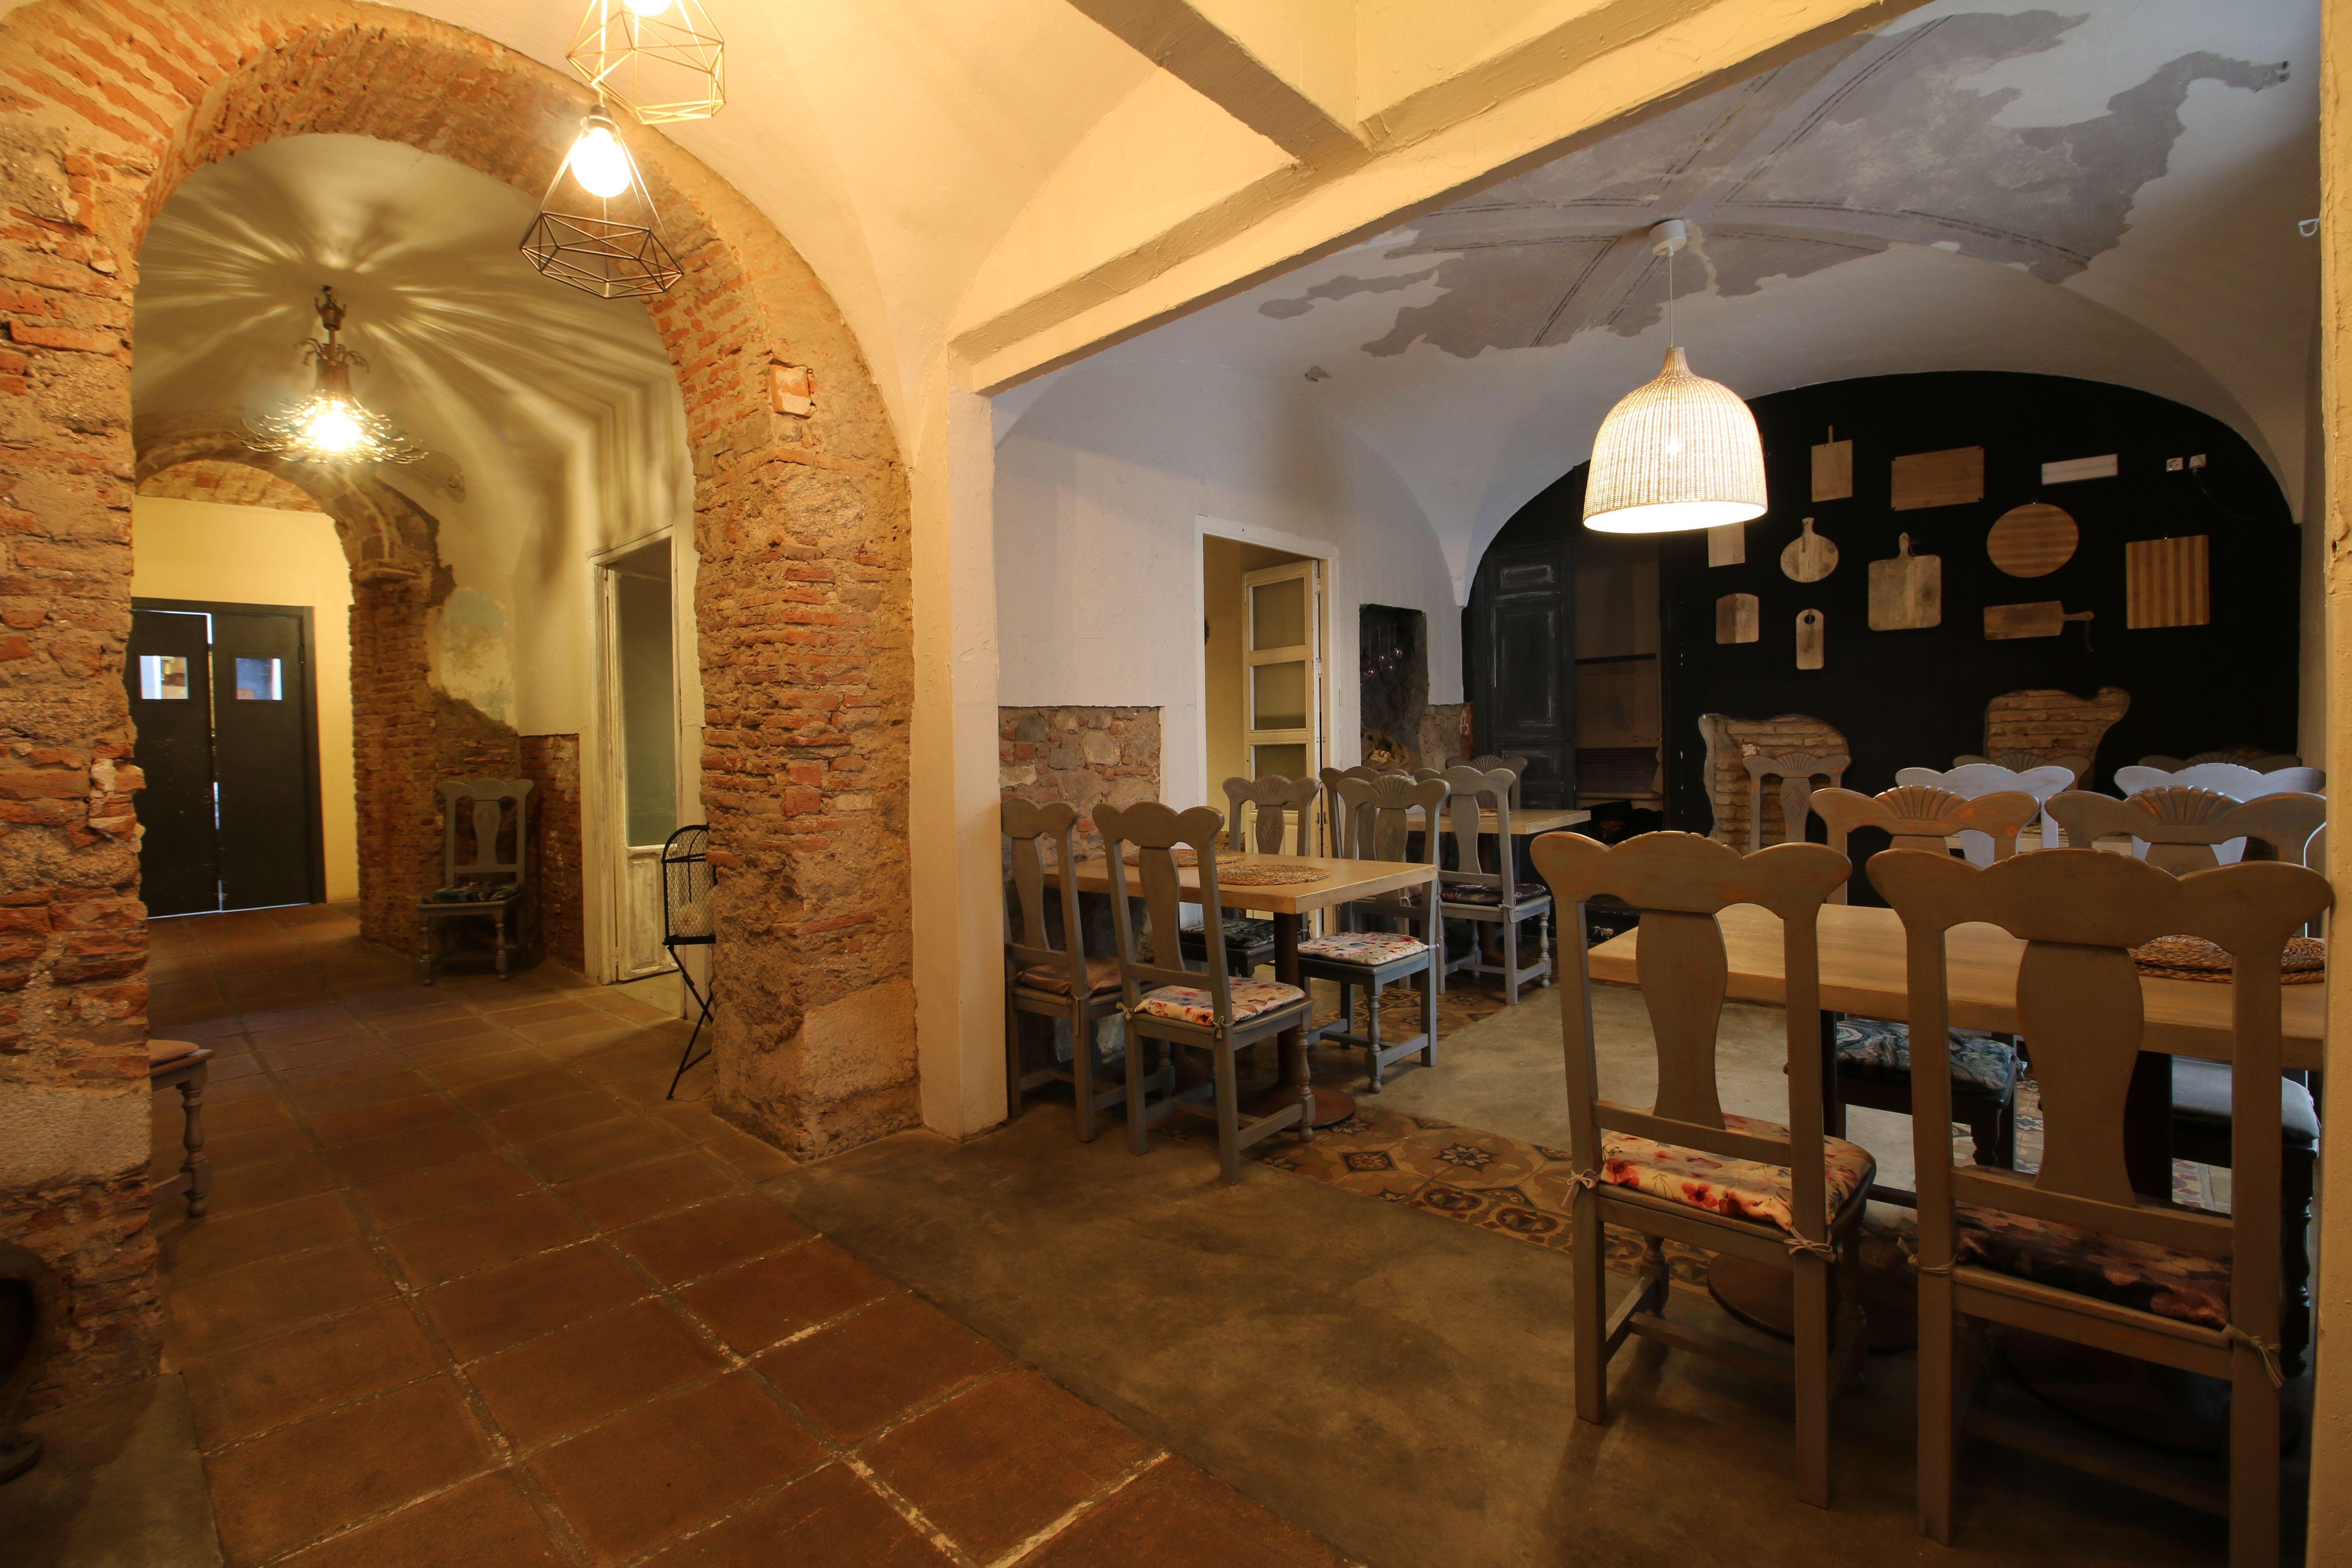 Restaurante con cocina casera en Mérida